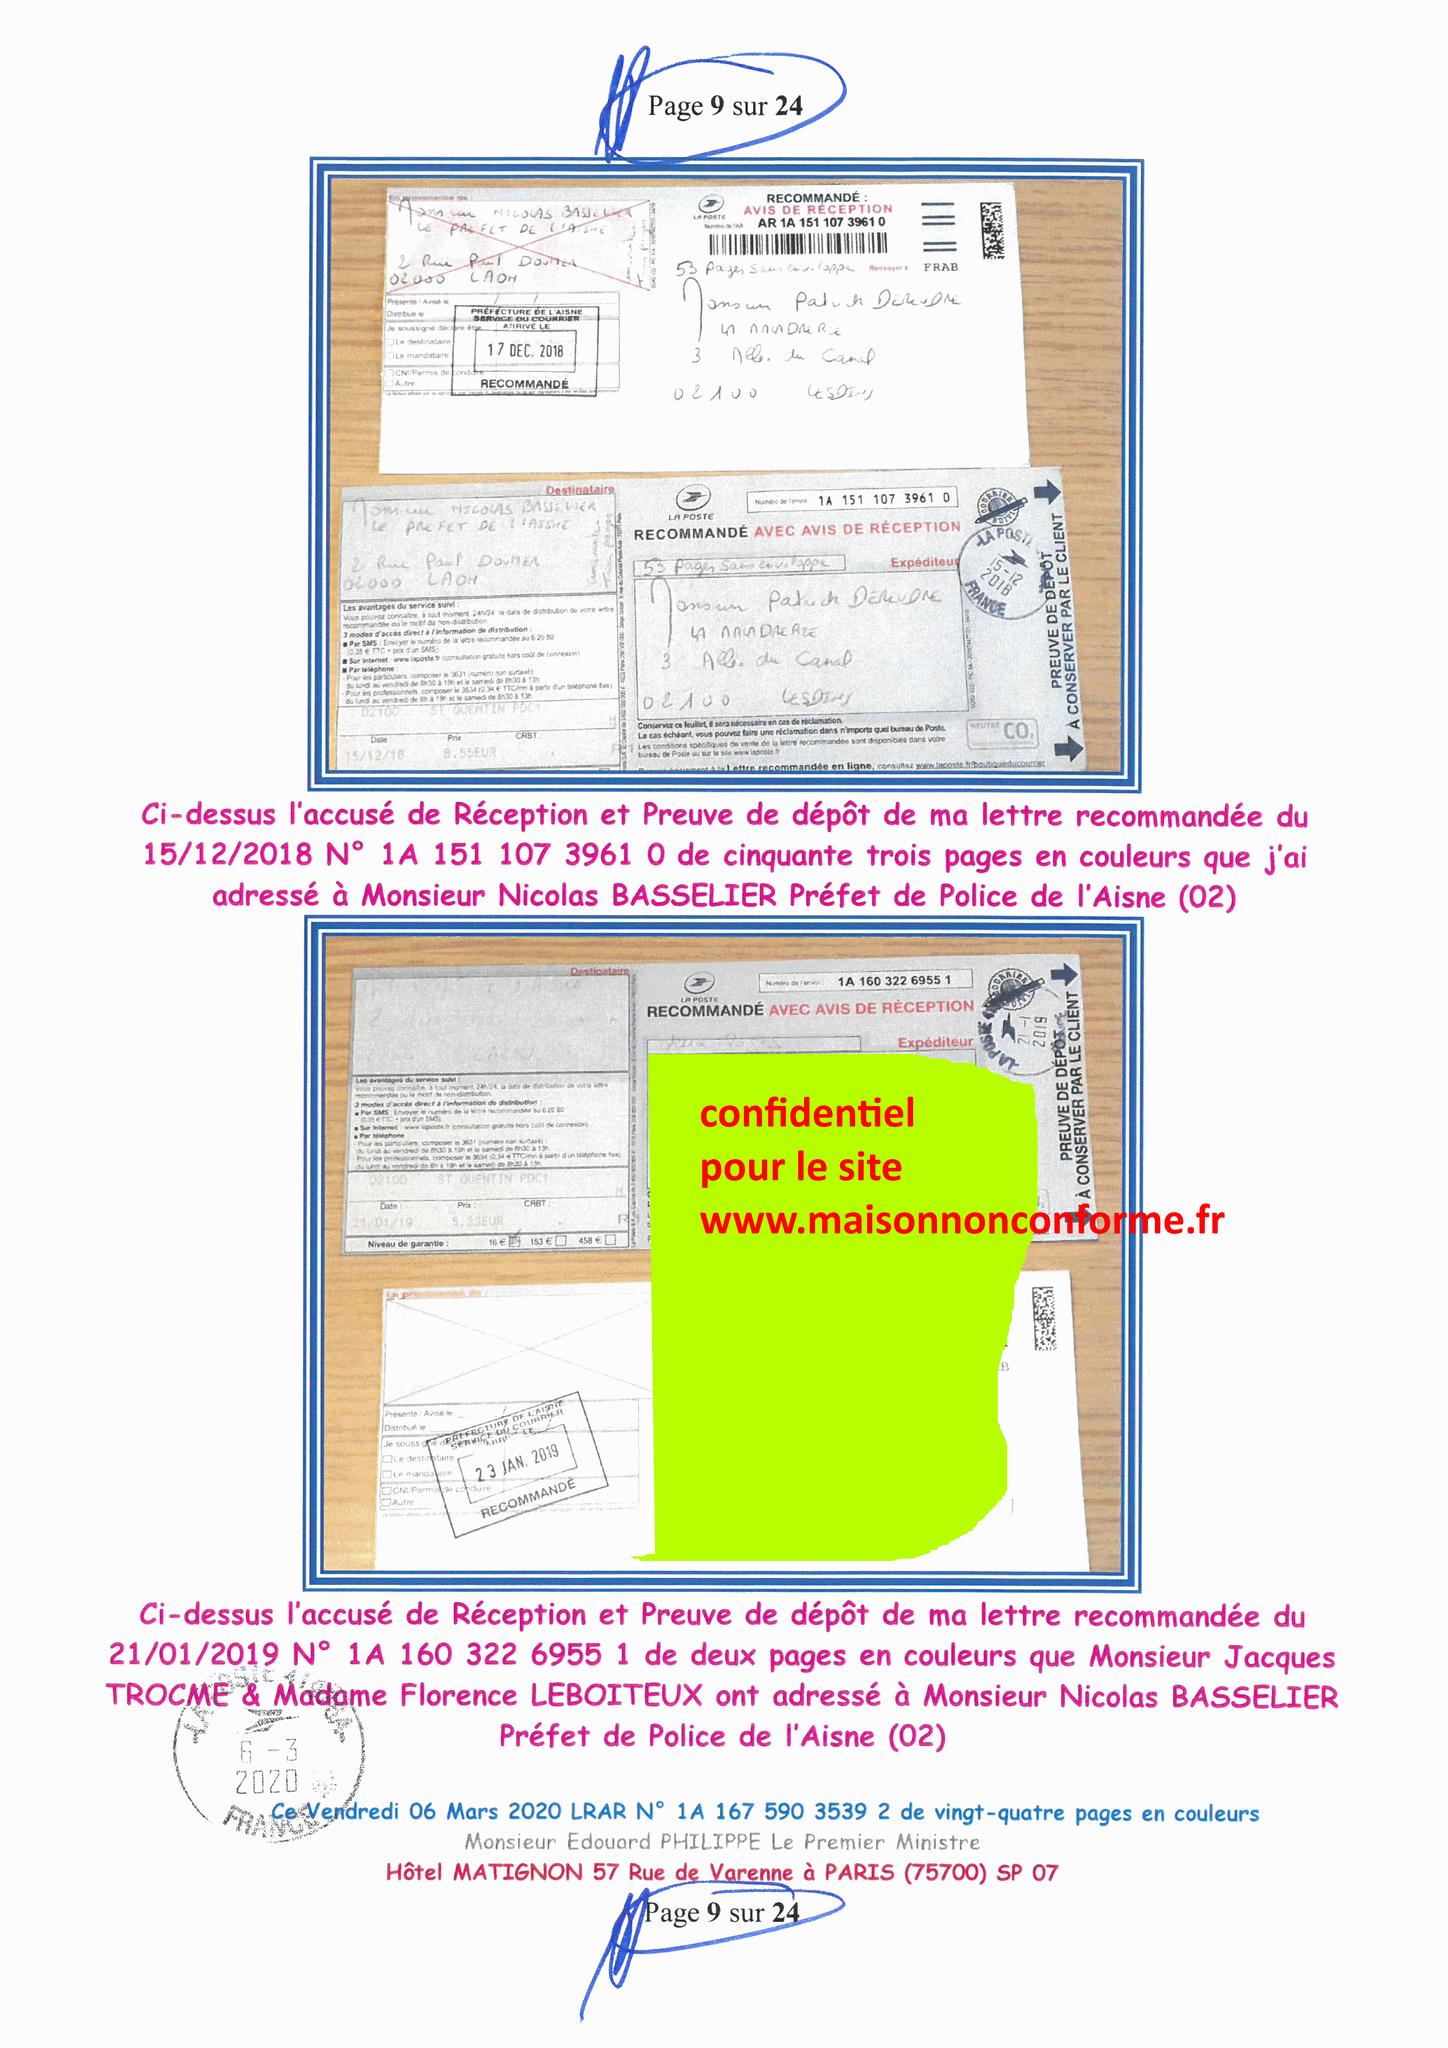 Ma LRAR à Monsieur le  Premier Ministre Edouard PHILIPPE N° 1A 167 590 3539 2 Page 9 sur 24 en Couleur du 06 Mars 2020  www.jesuispatrick.fr www.jesuisvictime.fr www.alerte-rouge-france.fr